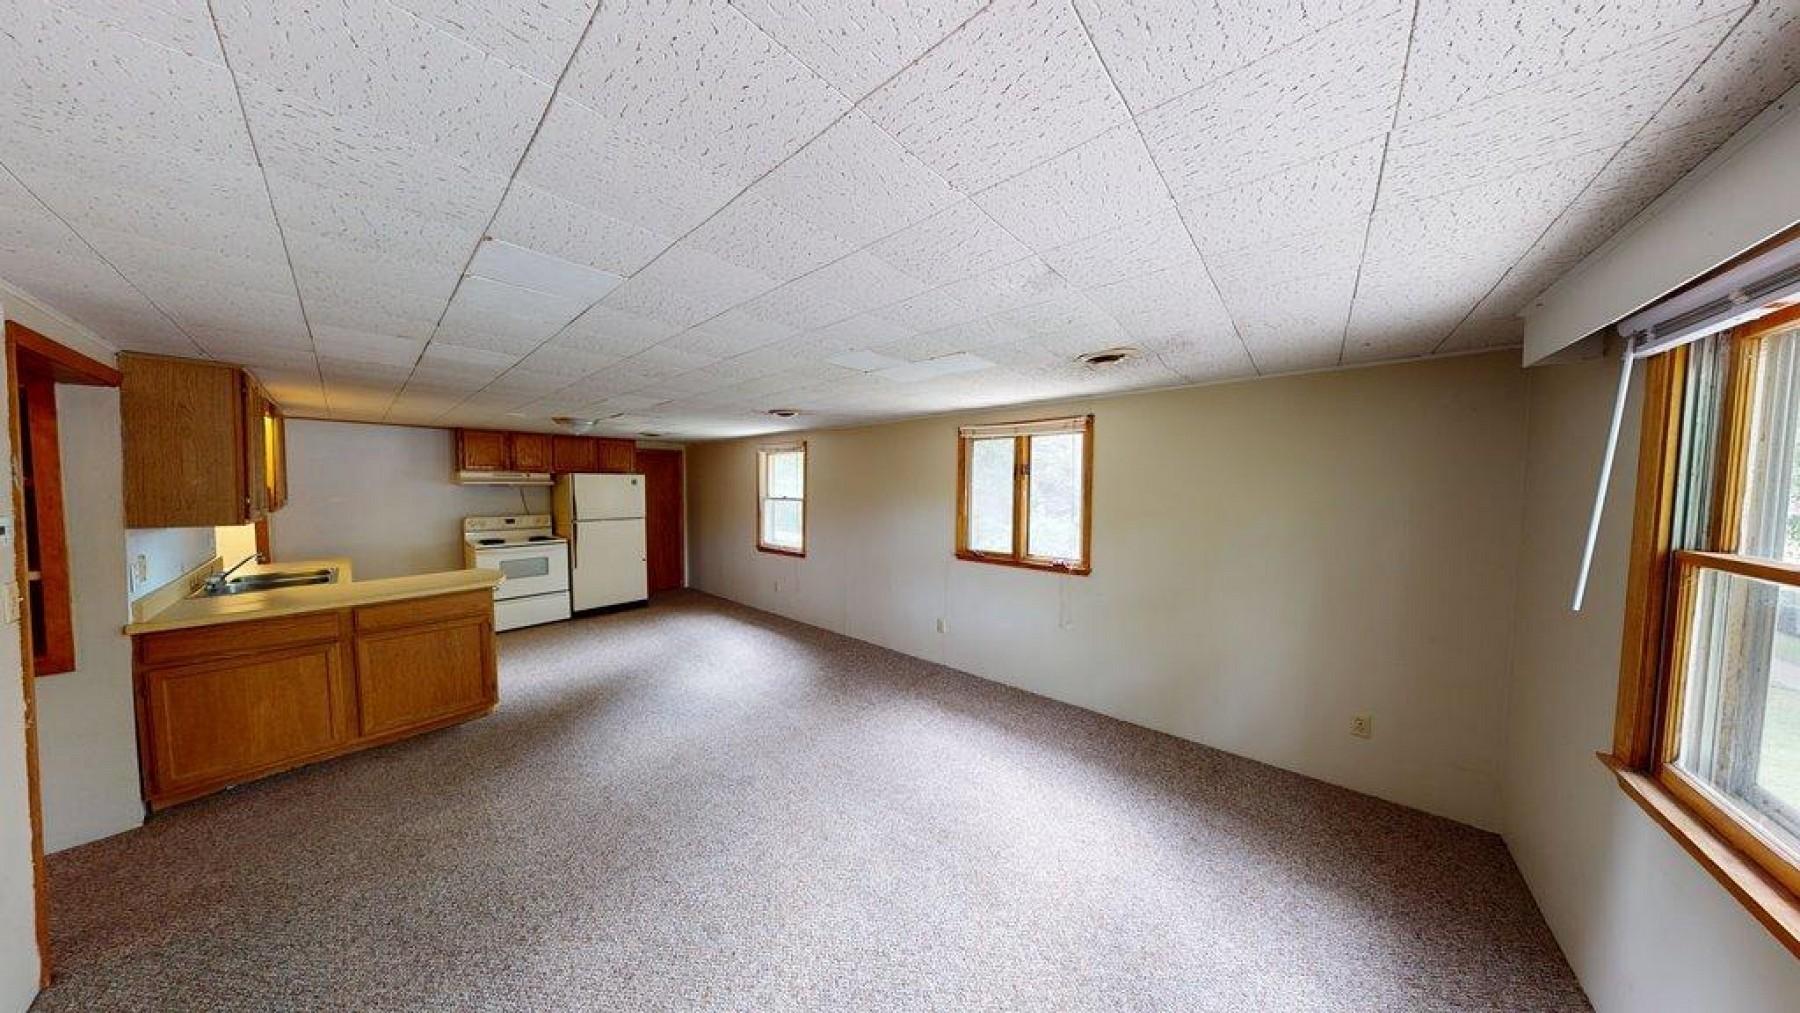 105 GilleyAvenueS, Brookings, SD 57006